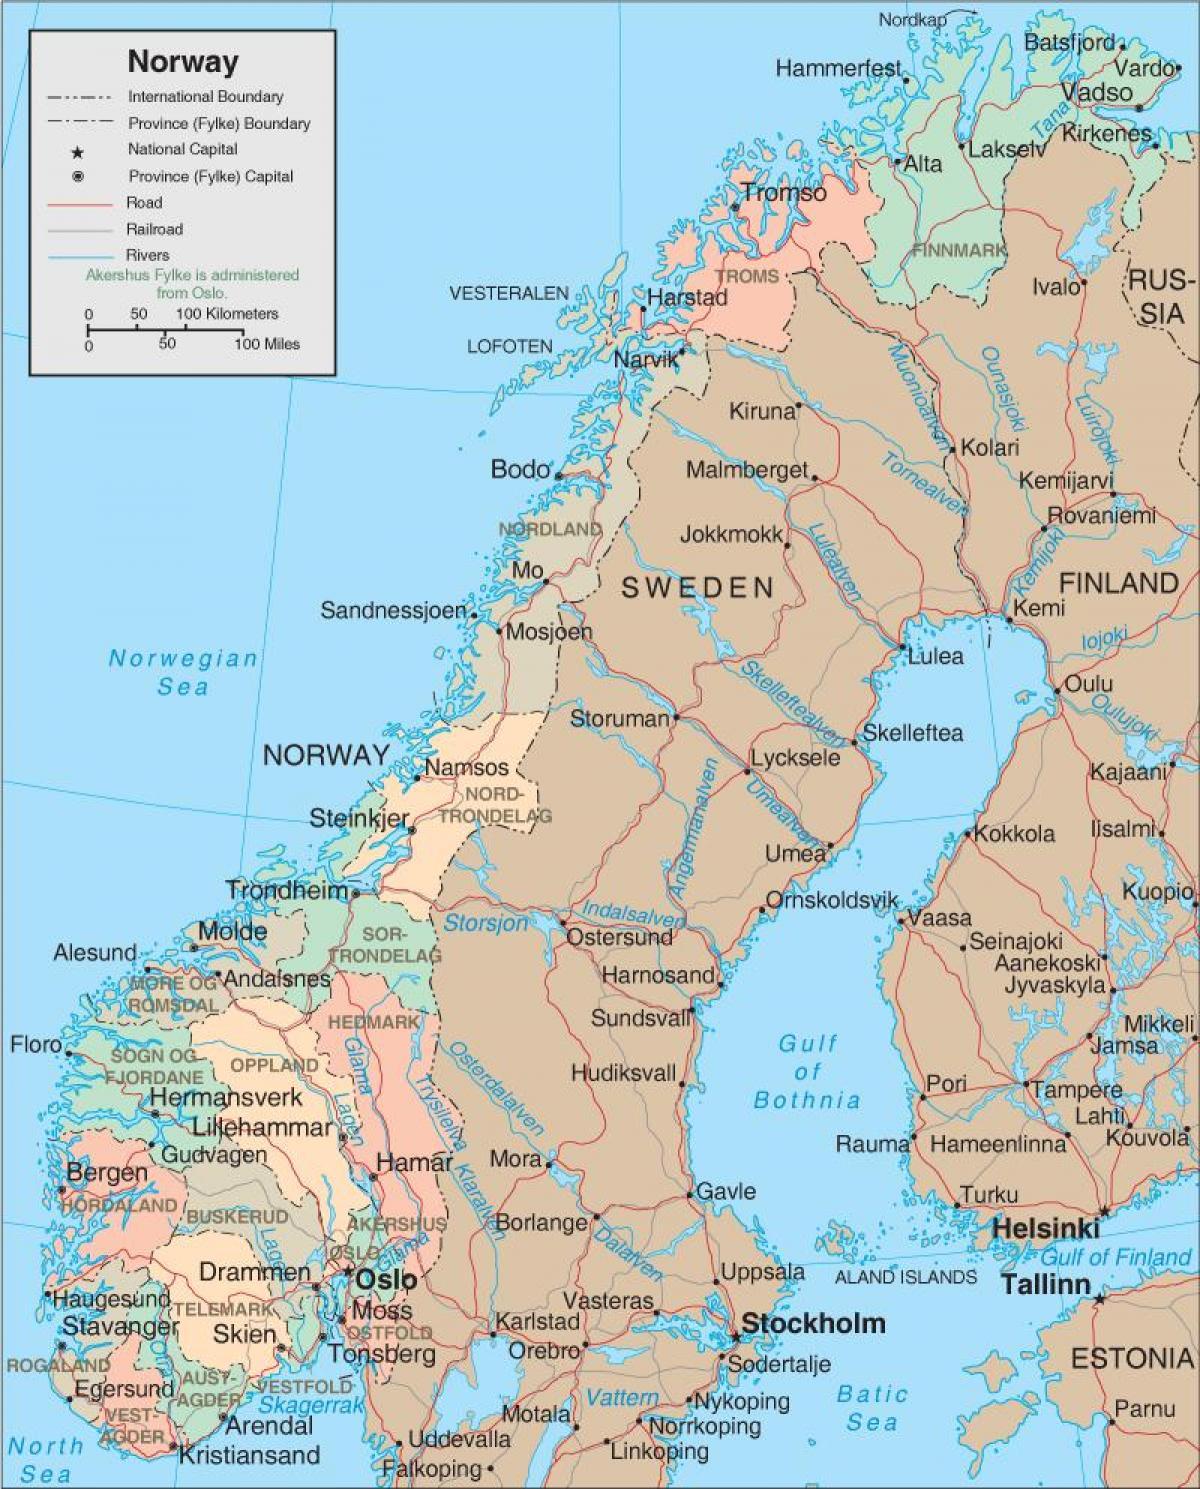 La Norvegia Cartina.Norvegia Mappa Una Mappa Di Norvegia Europa Del Nord Europa